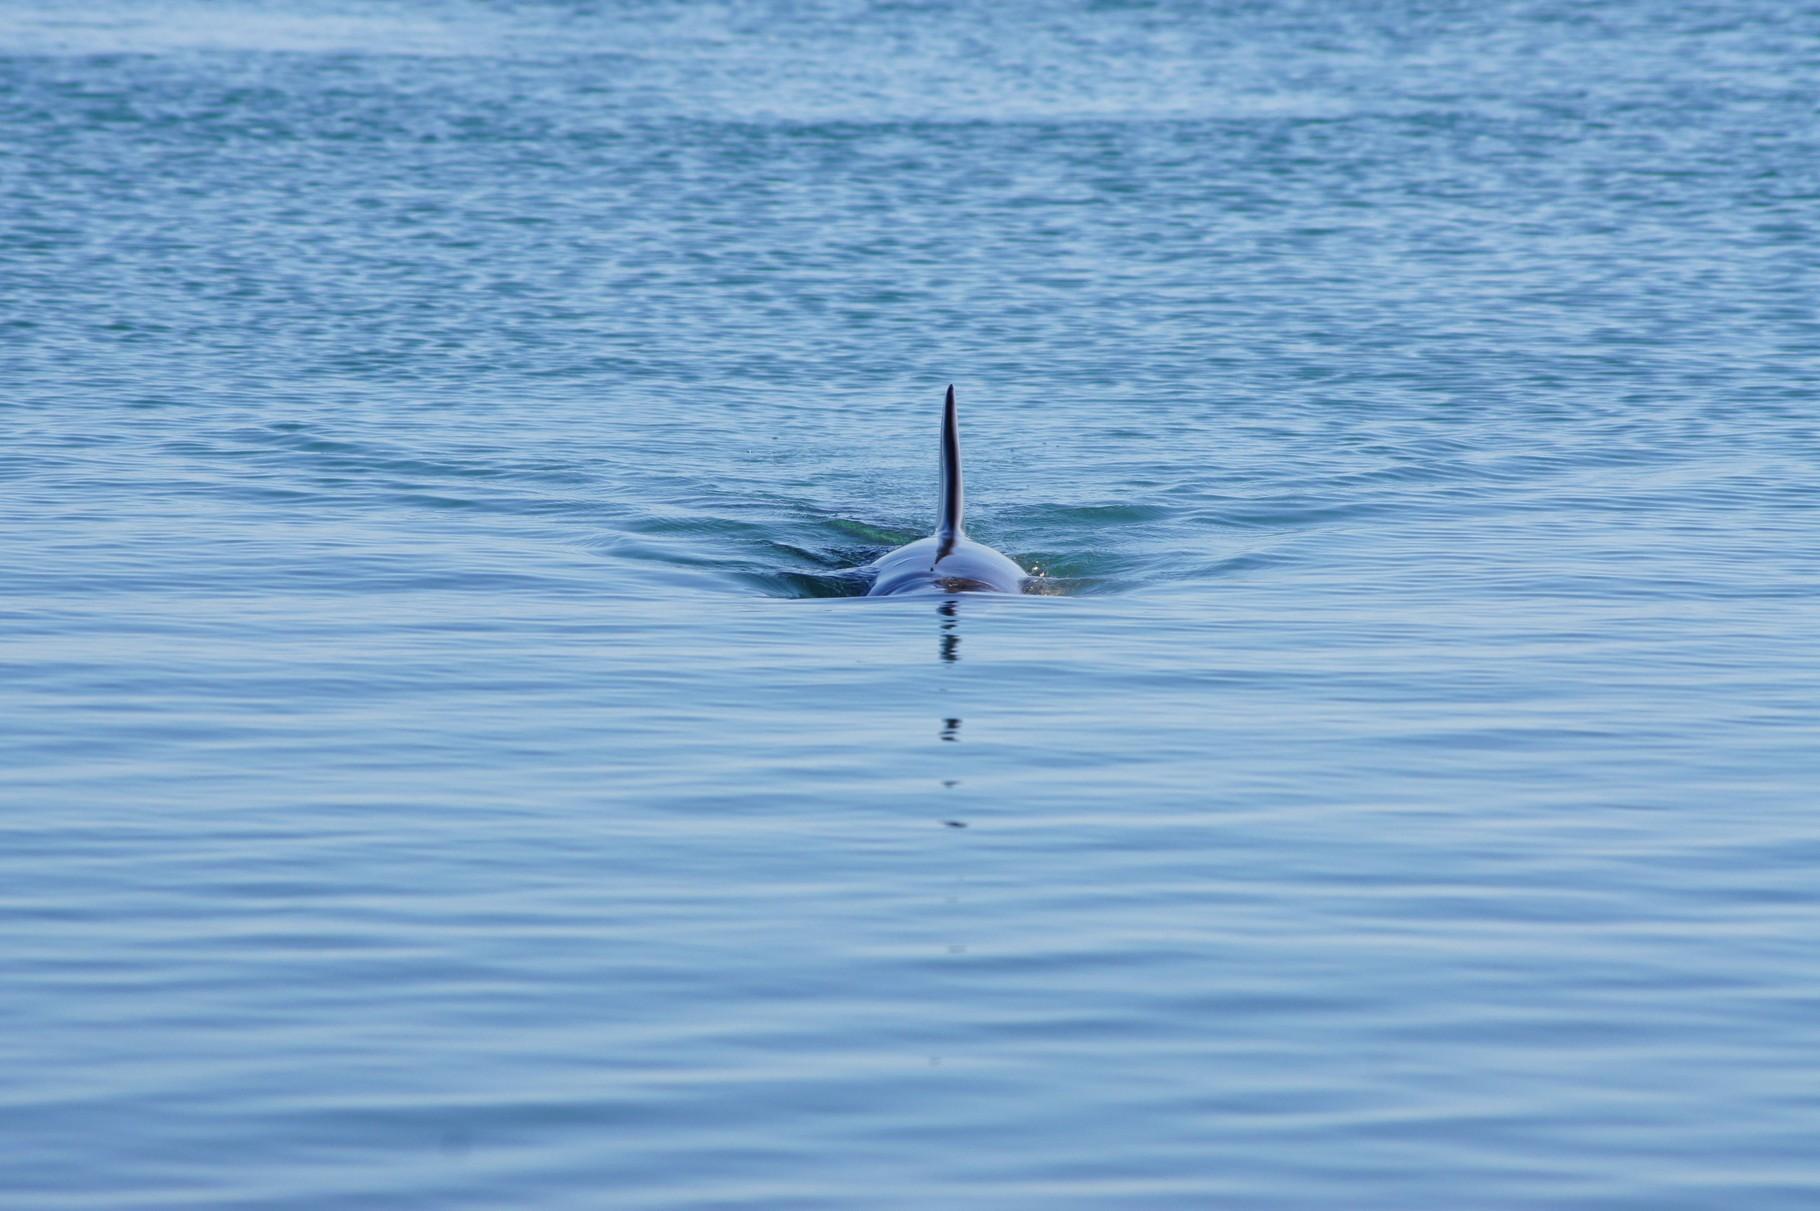 wie ein Torpedo - ist aber ein Delphin in Küstennähe